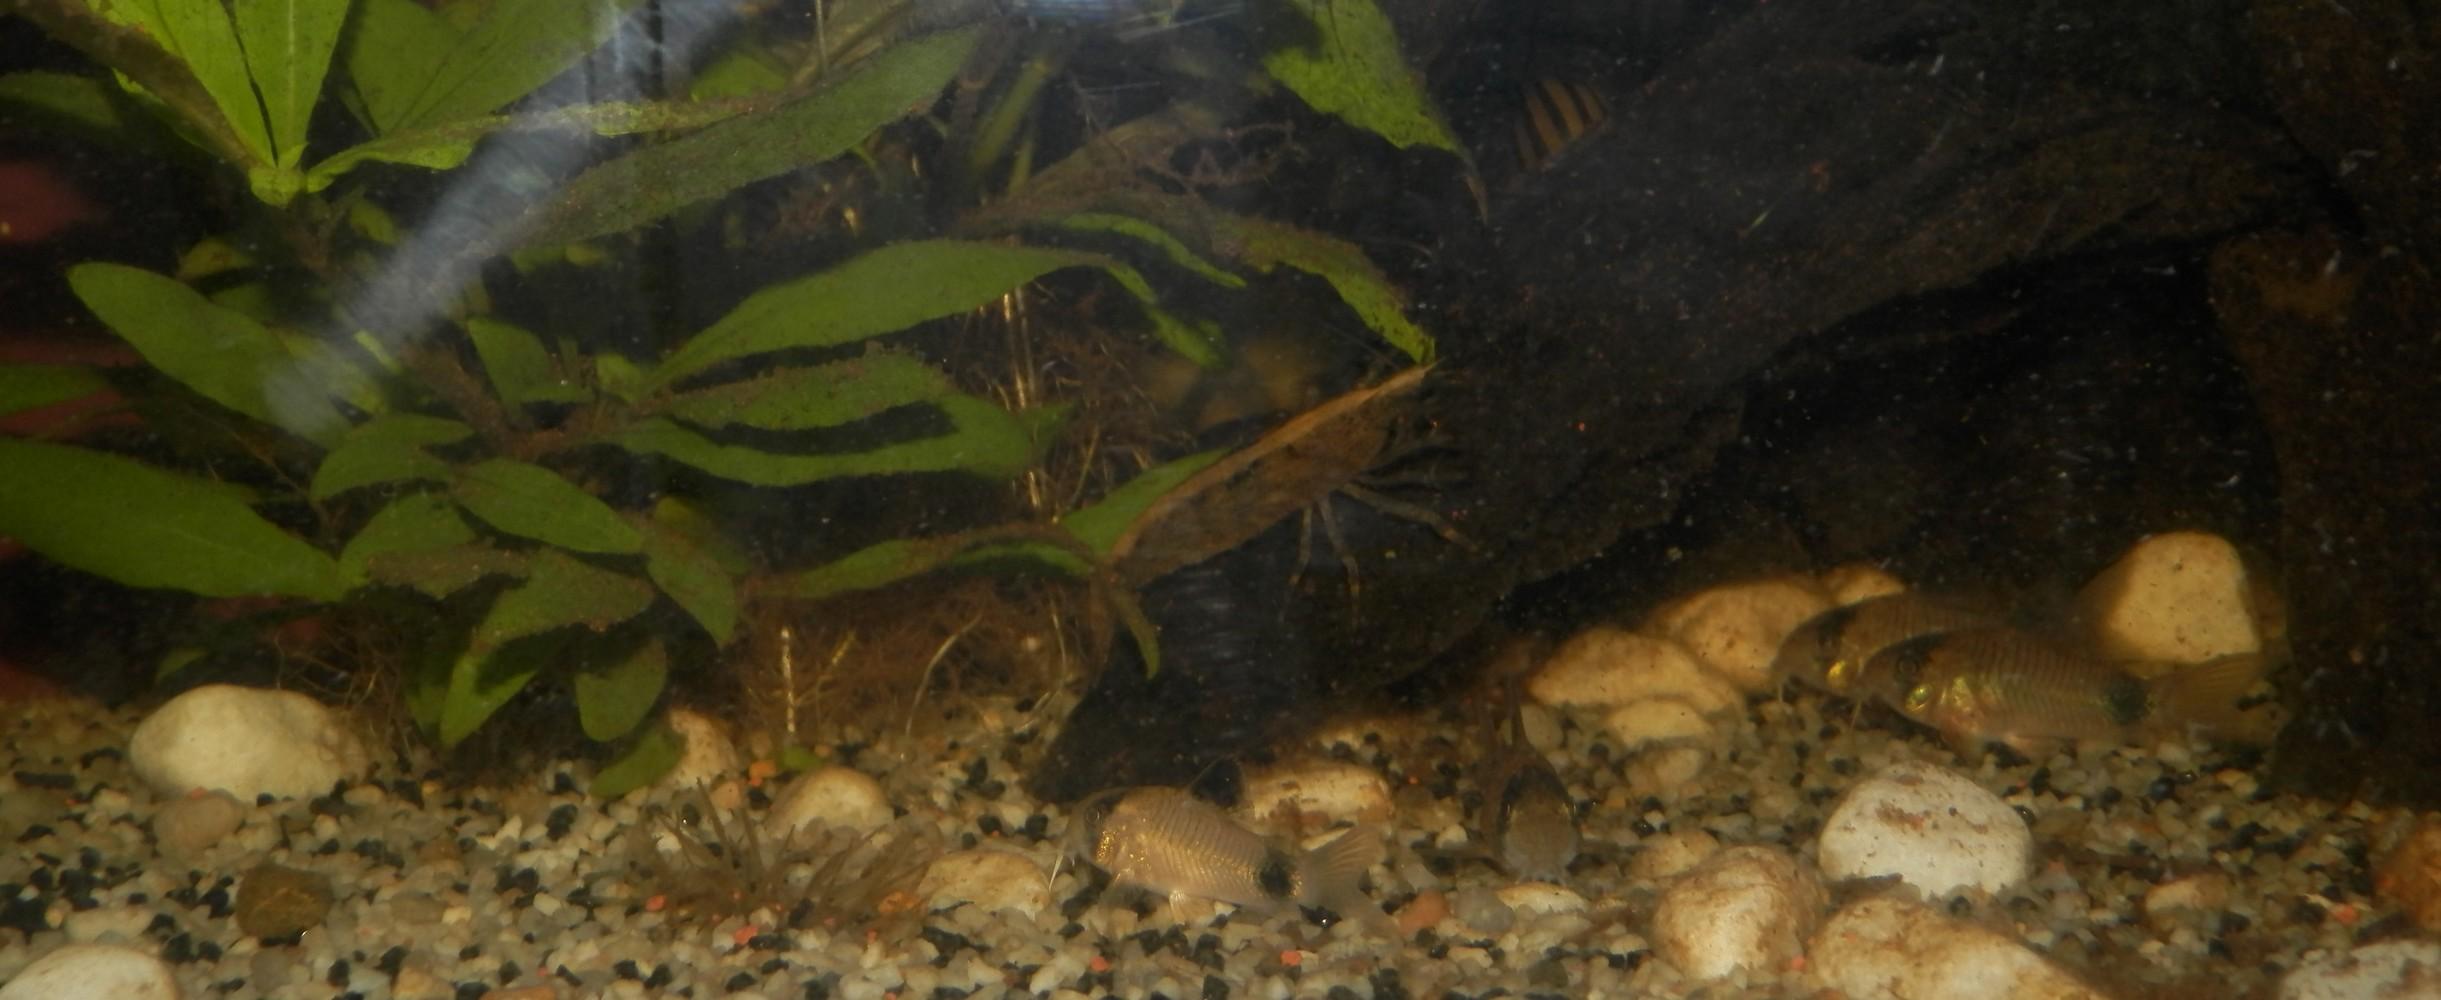 [Présentation] Tous les trous mènent aux crevettes Bambou 3879705910